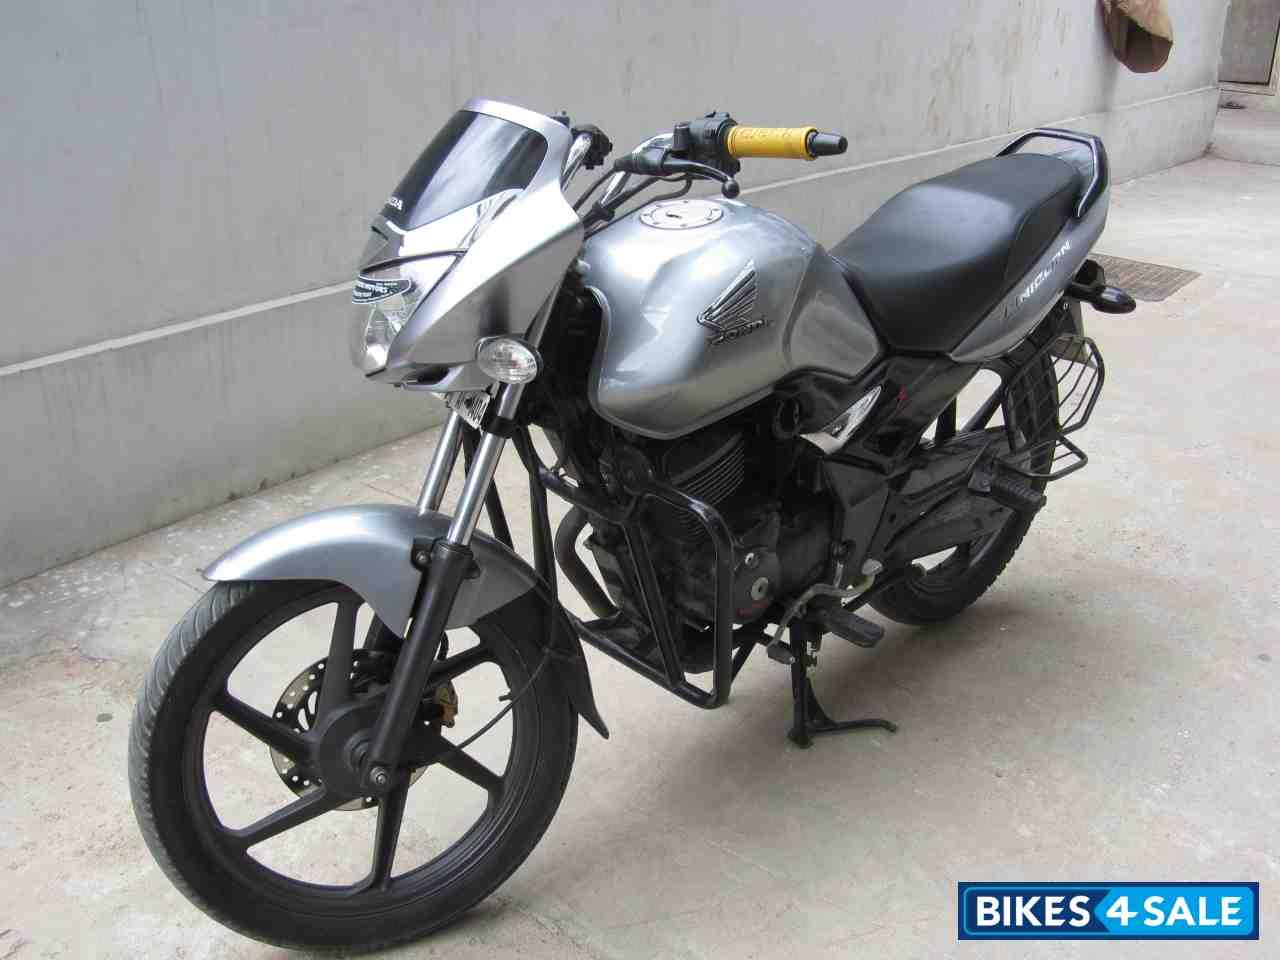 Silver Honda Unicorn Picture 1. Album ID is 114085. Bike ...